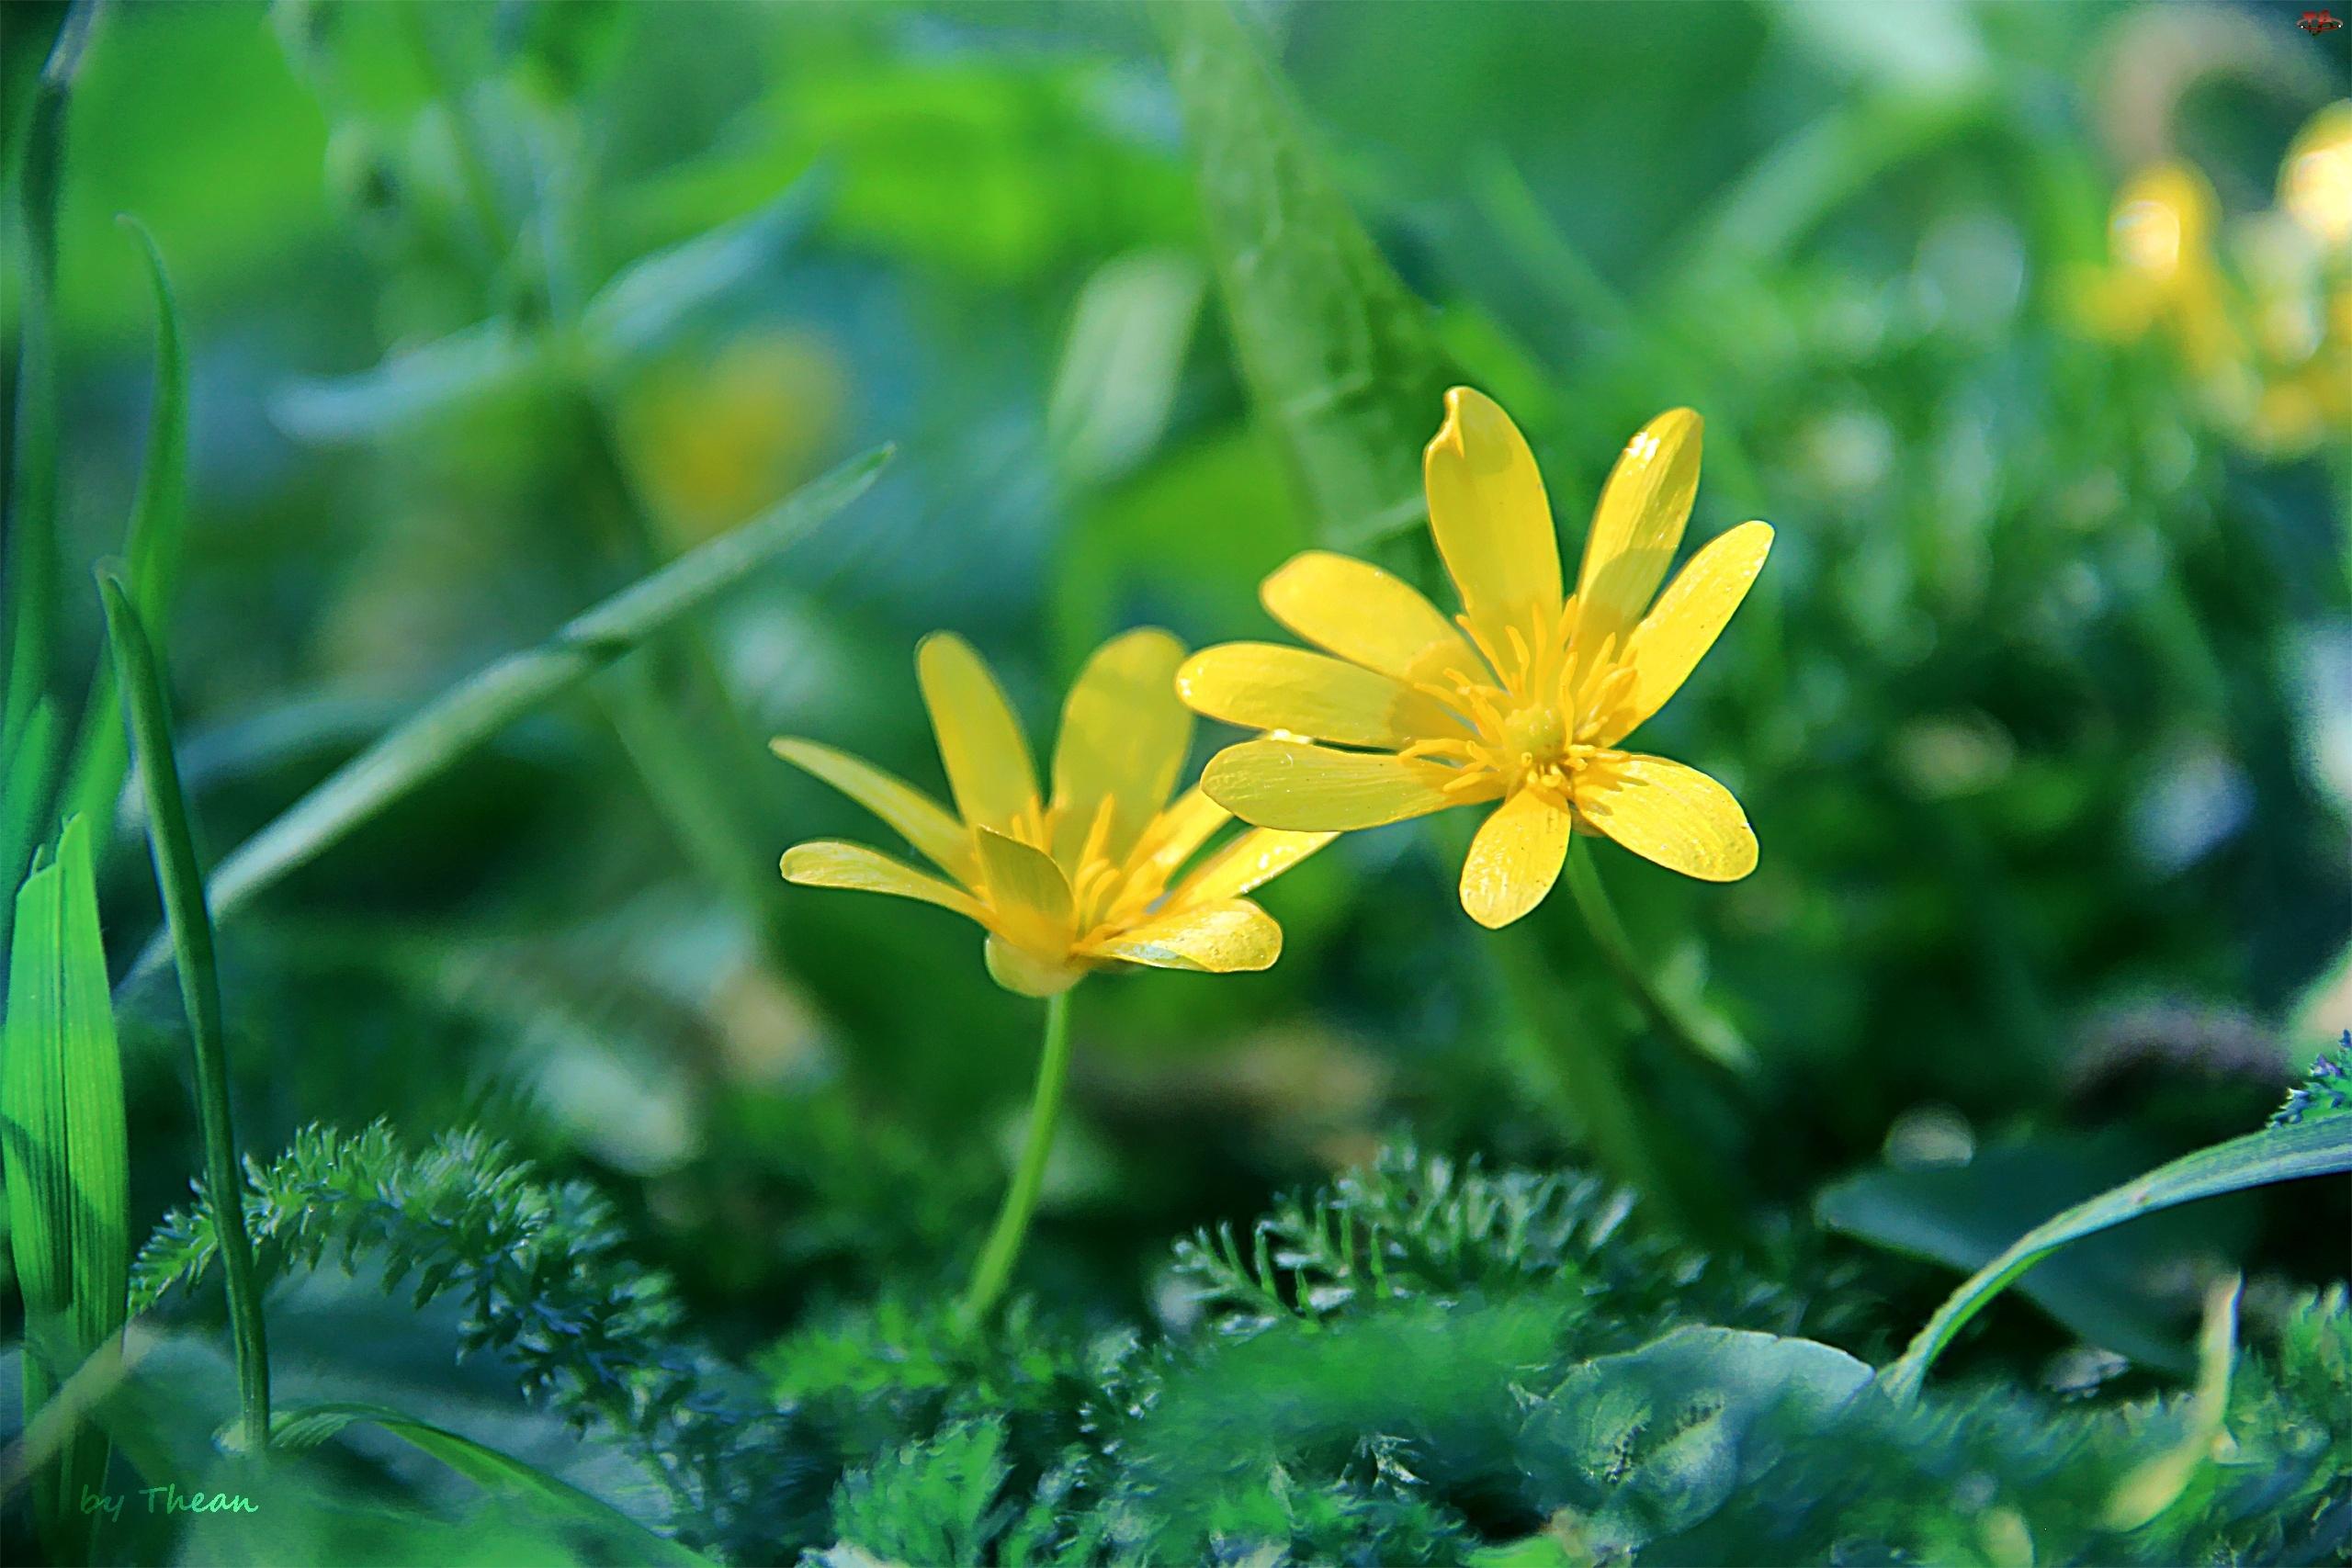 Kwiaty, Żółte, Wiosenne